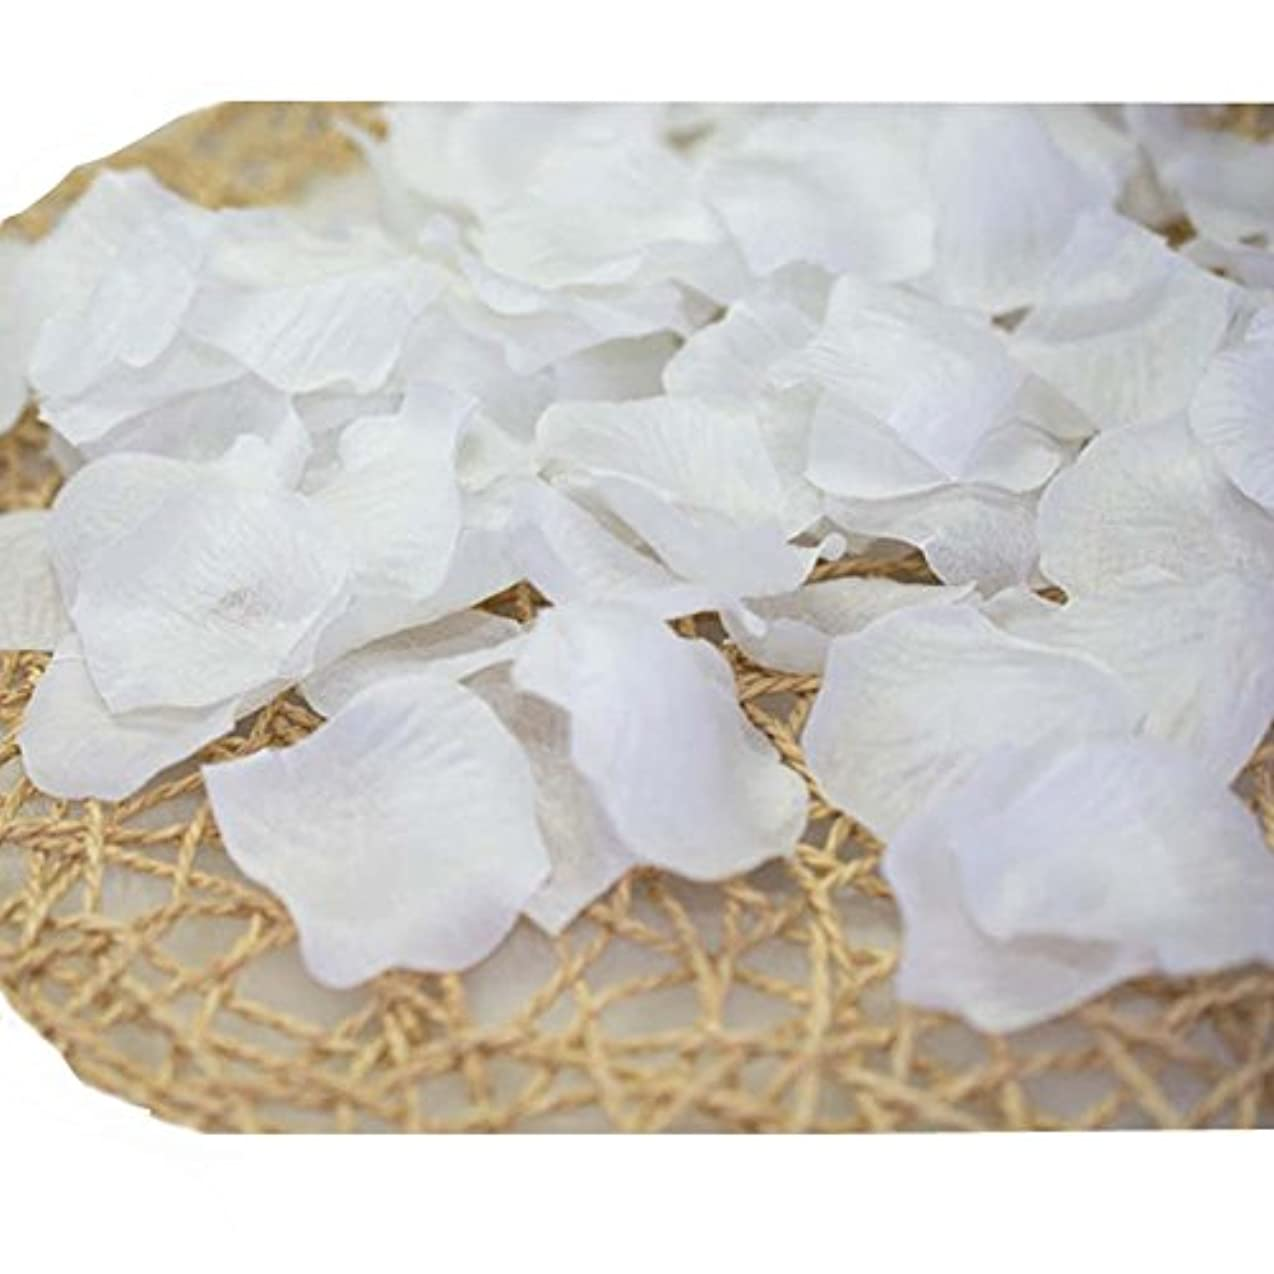 フェッチ純粋に審判結婚式のための人工花びら白840のセット